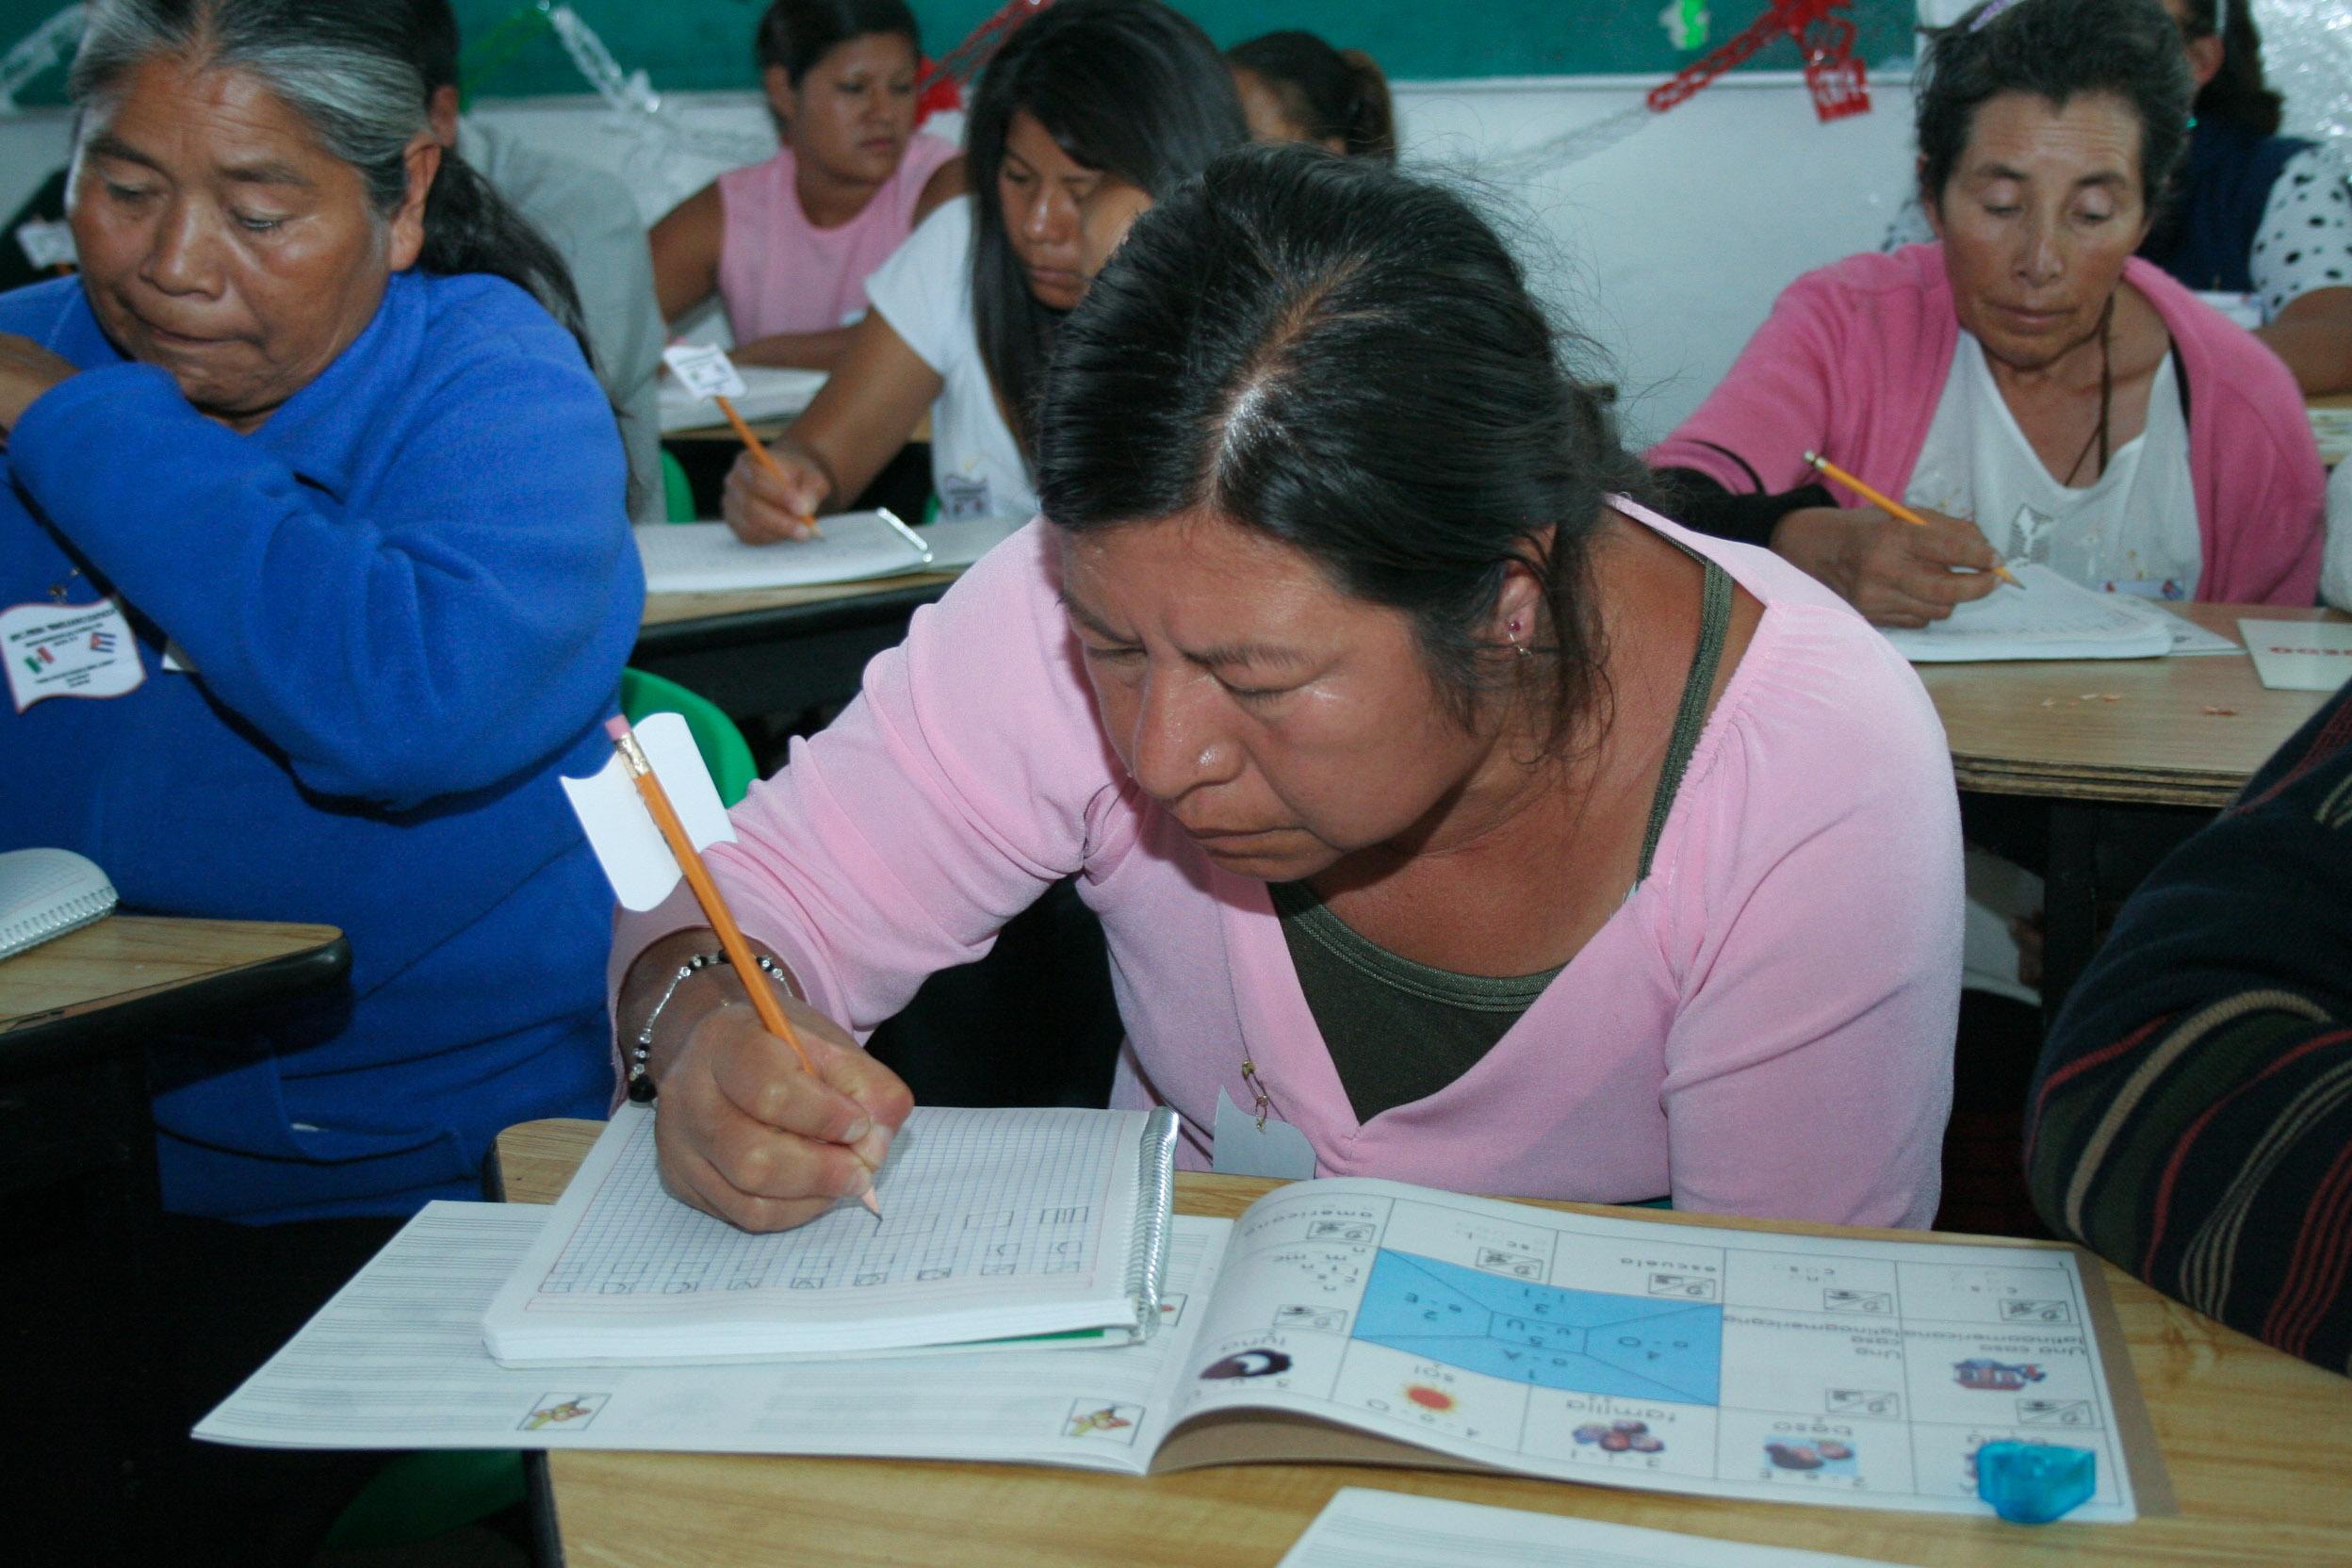 Los problemas económicos son la principal causa de que las personas no asistan a la escuela.